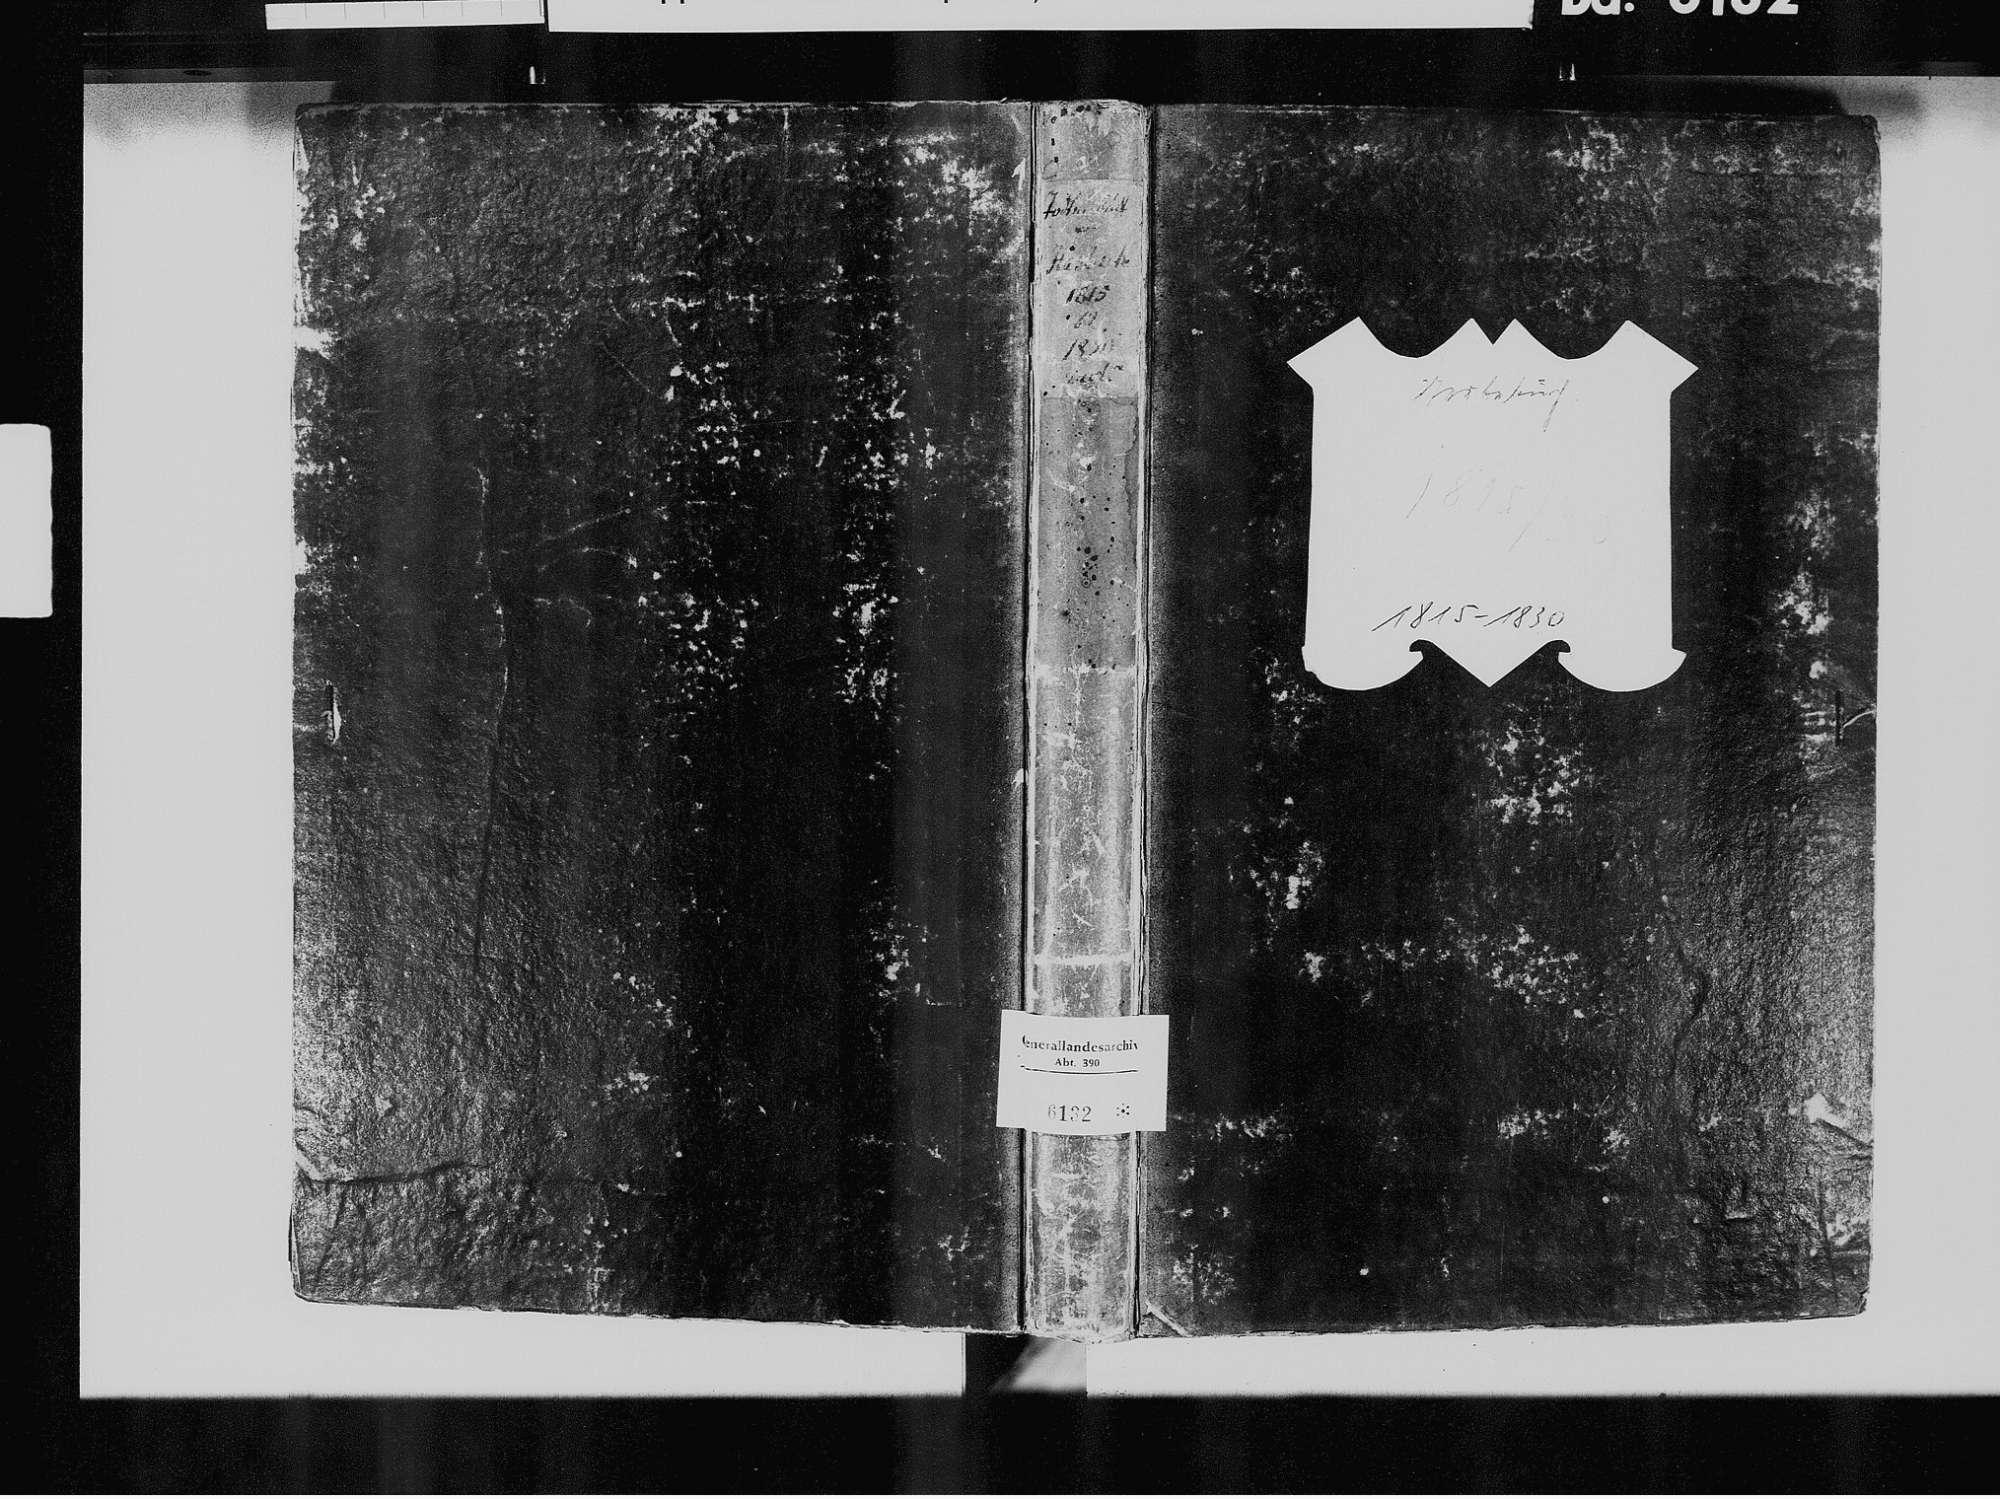 Haslach im Kinzigtal OG; Katholische Gemeinde: Sterbebuch 1815-1830, Bild 2